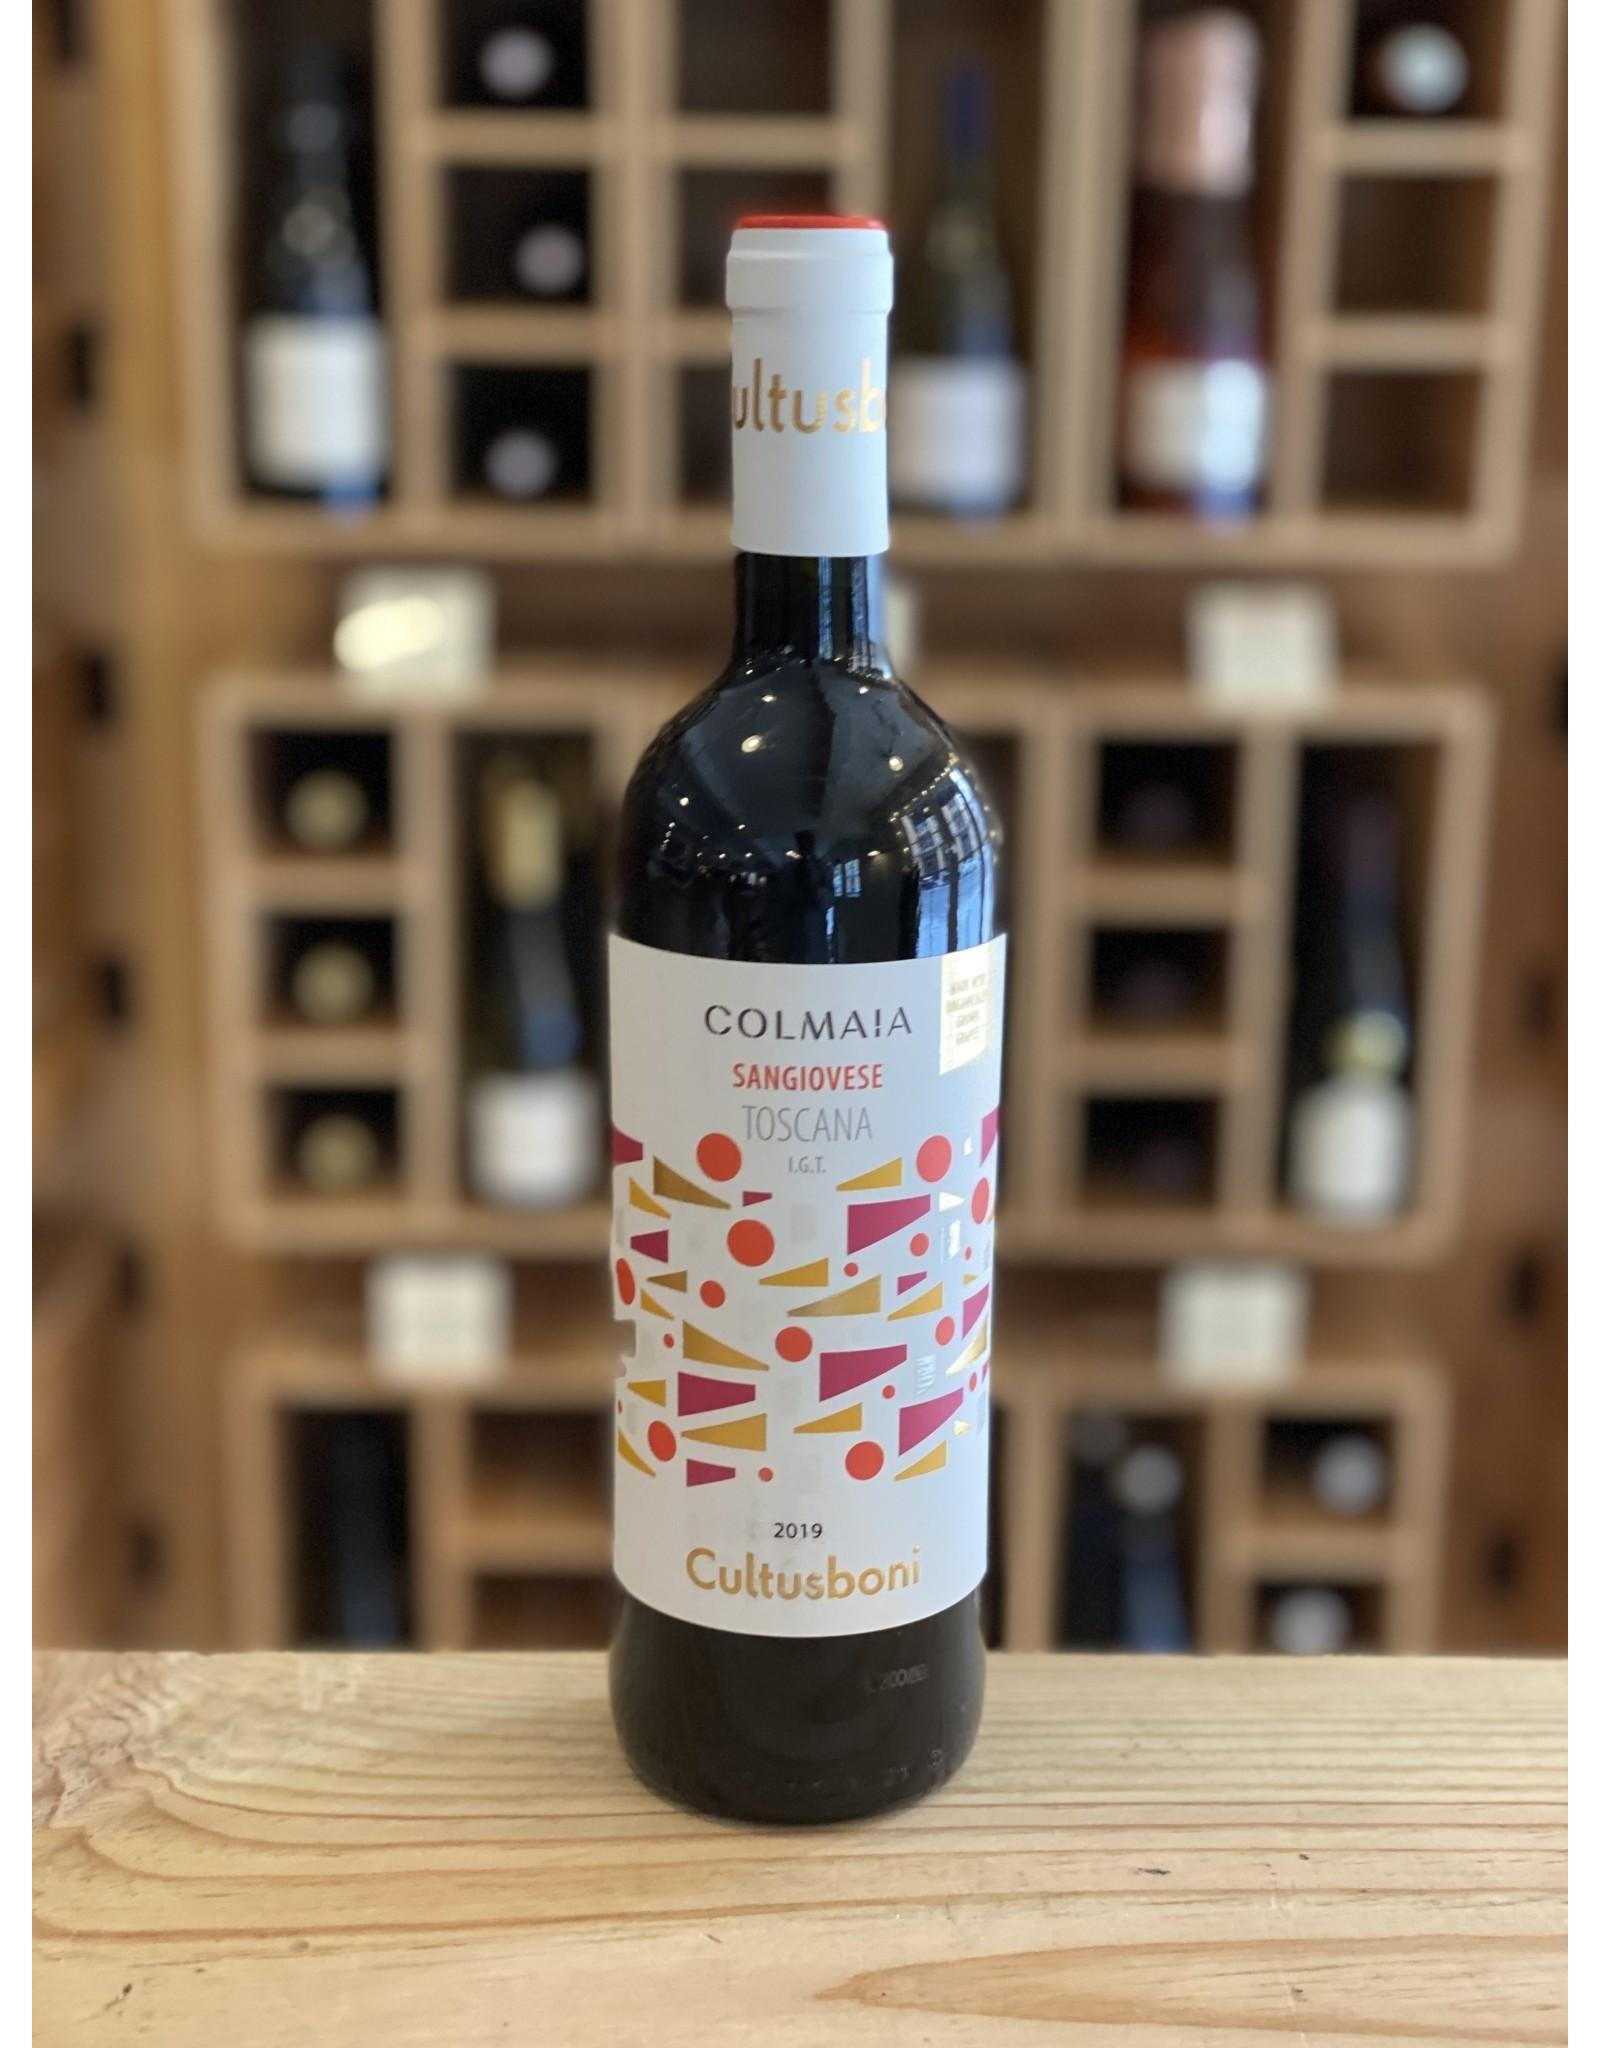 """Tuscany Cultusboni """"Colmaia"""" Sangiovese 2019 - Tuscany IT"""